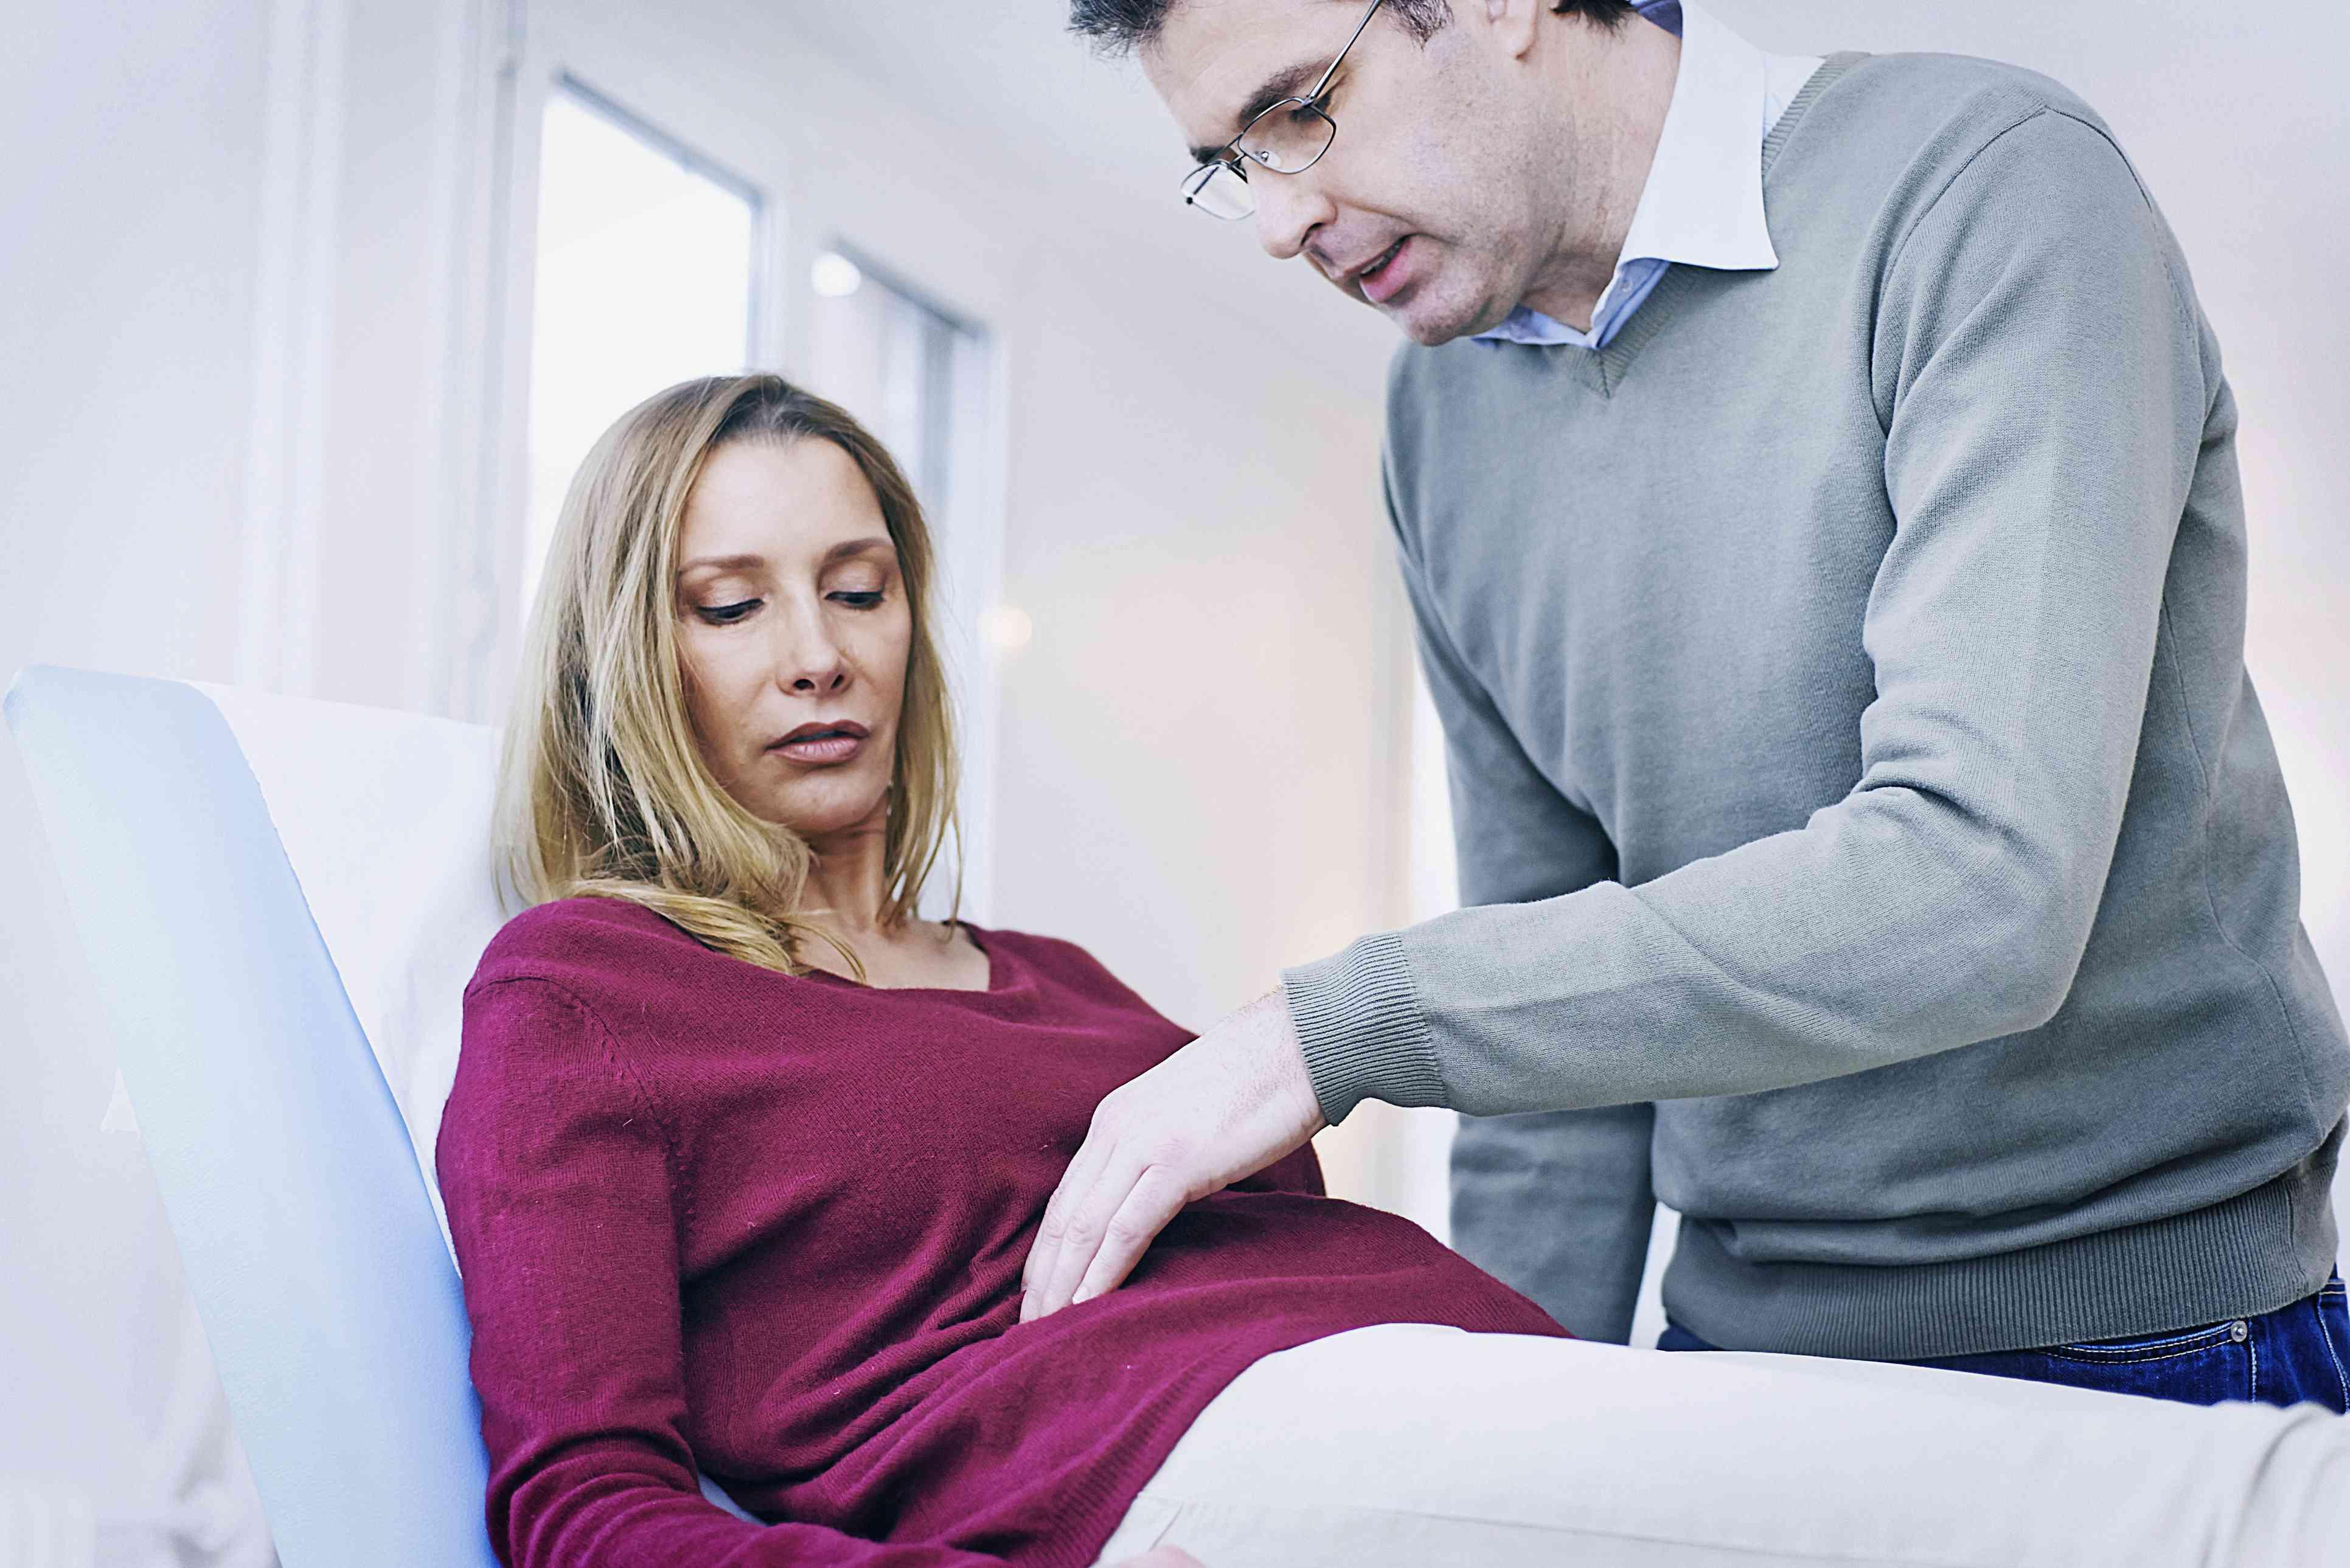 Doctor examining patient's abdomen